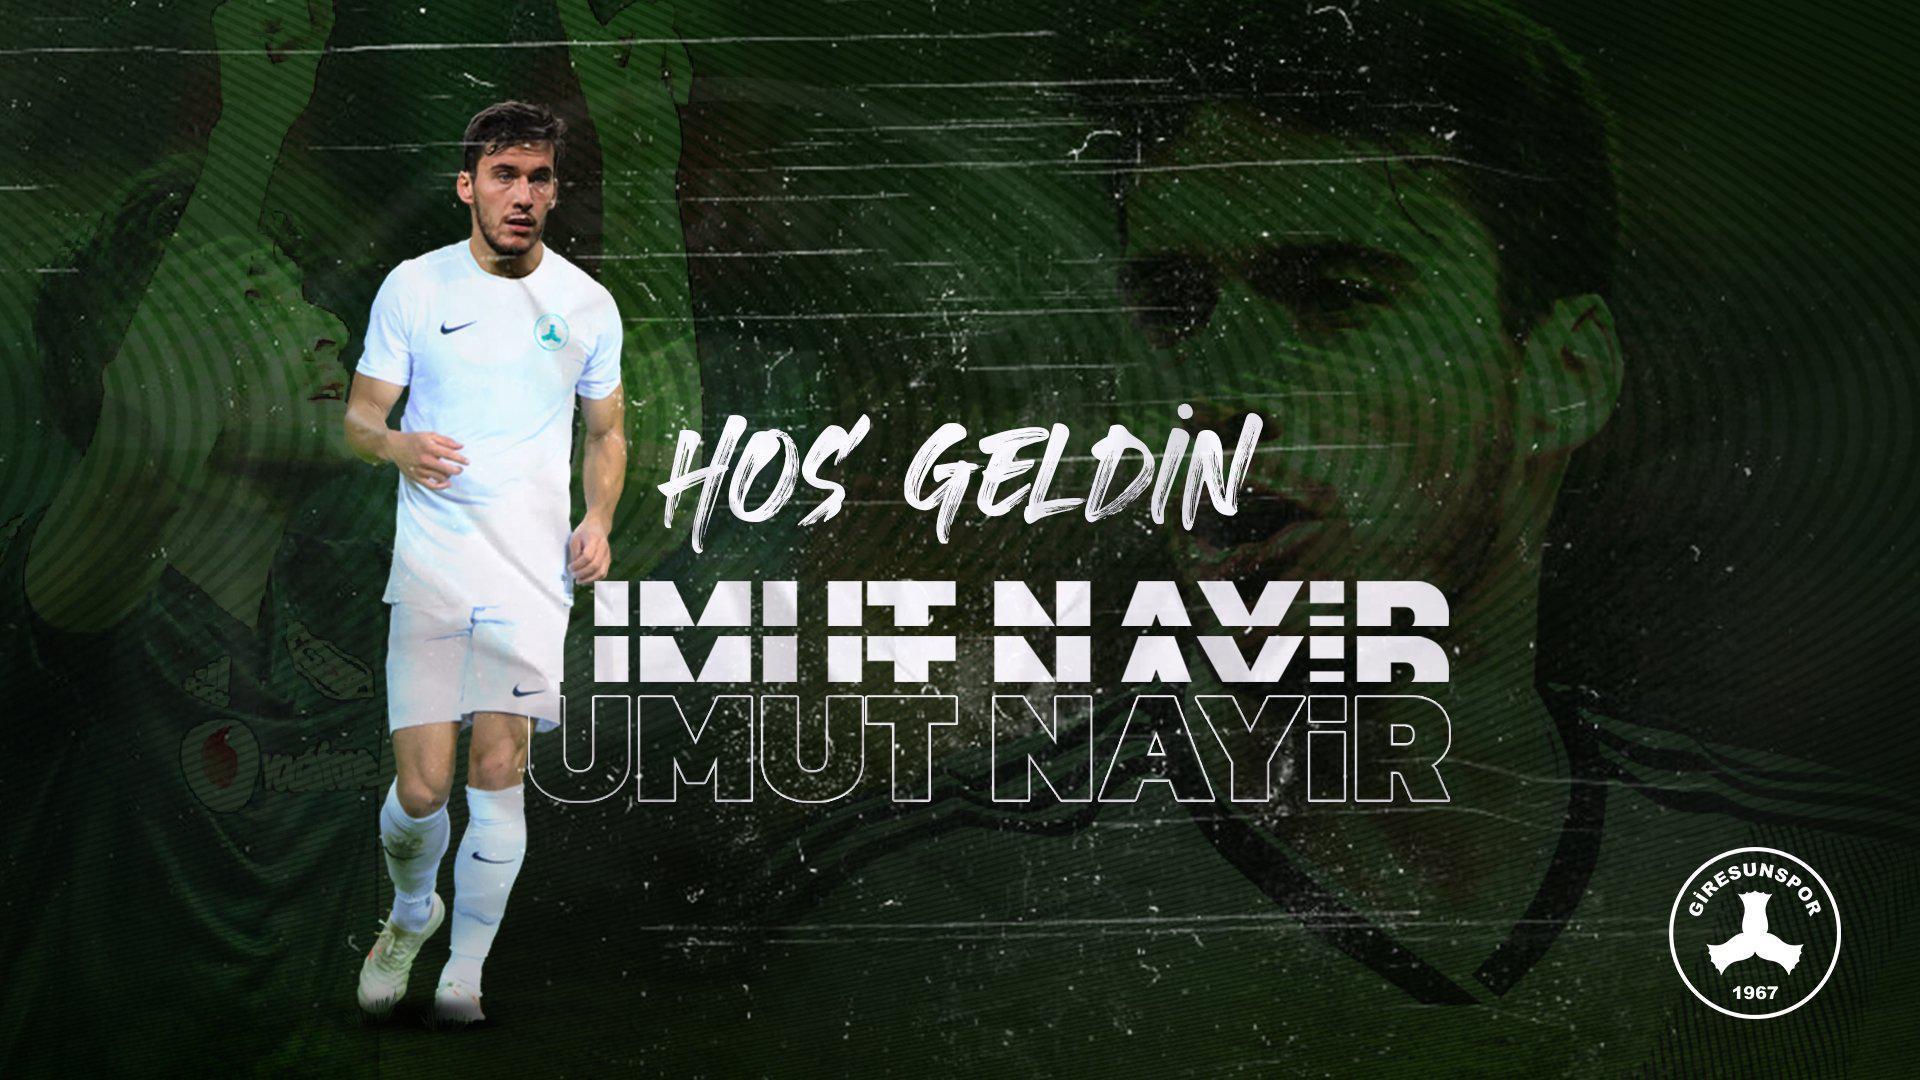 Beşiktaştan ayrılan Umut Nayir, Giresunsporda